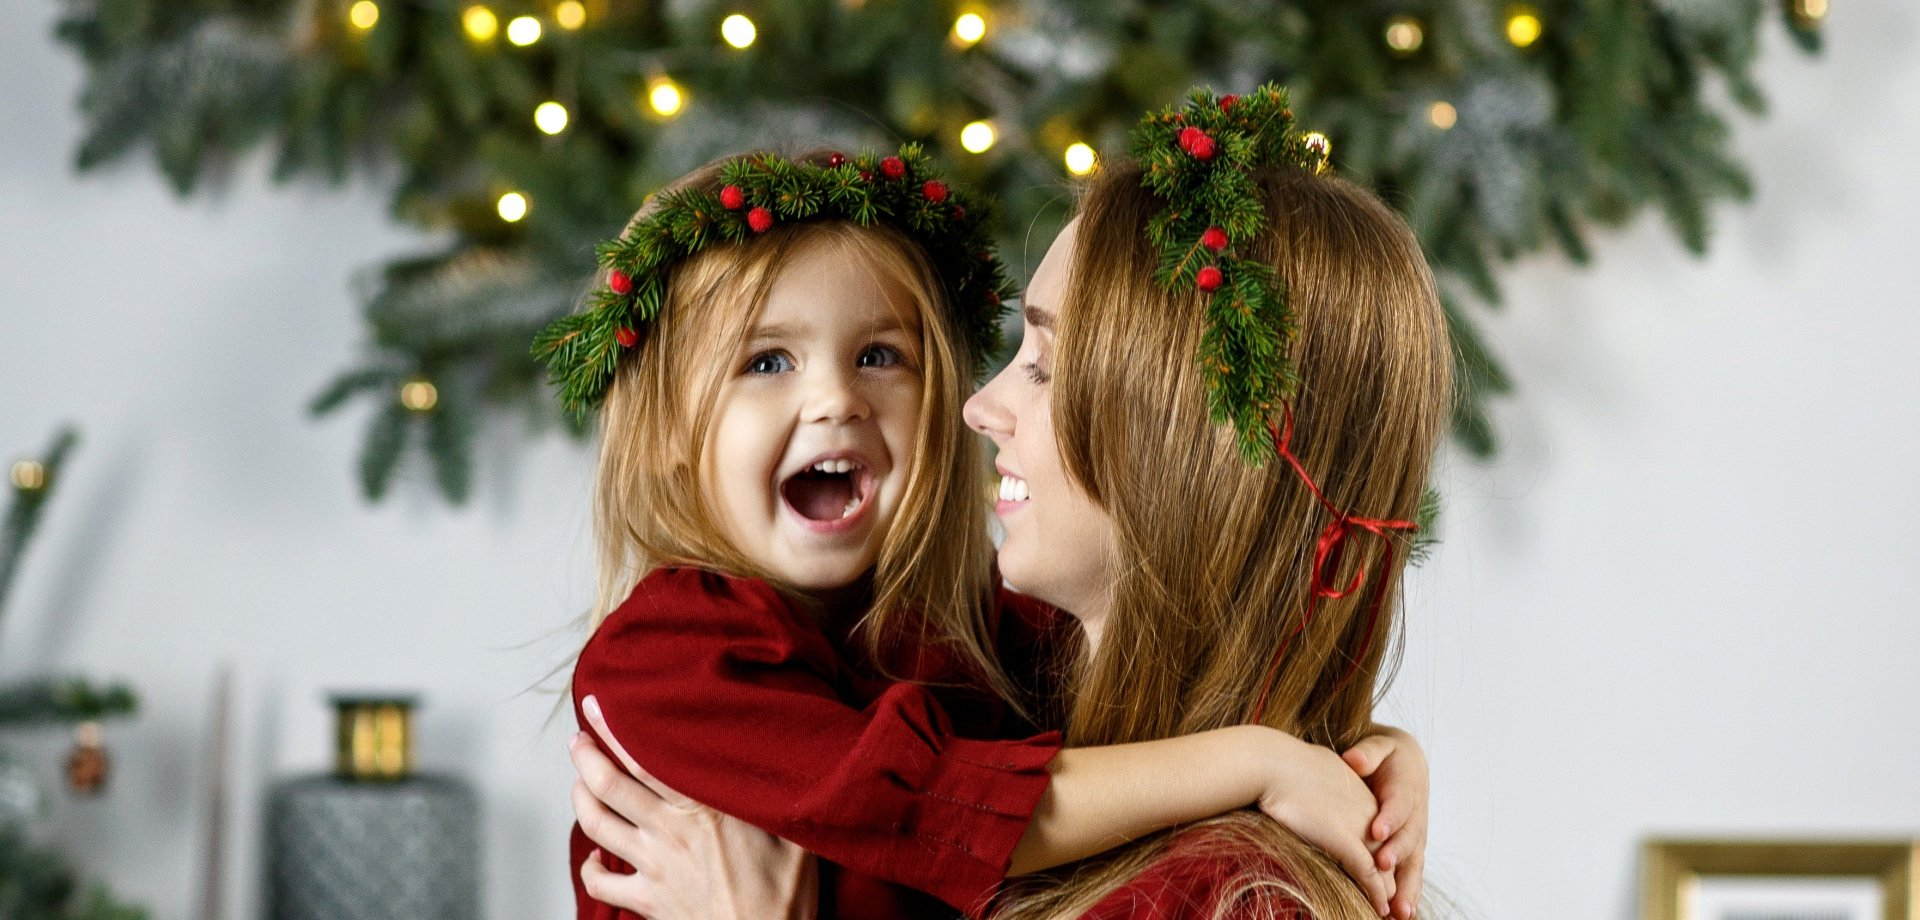 Święta Bożego Narodzenia - Oferta First Minute